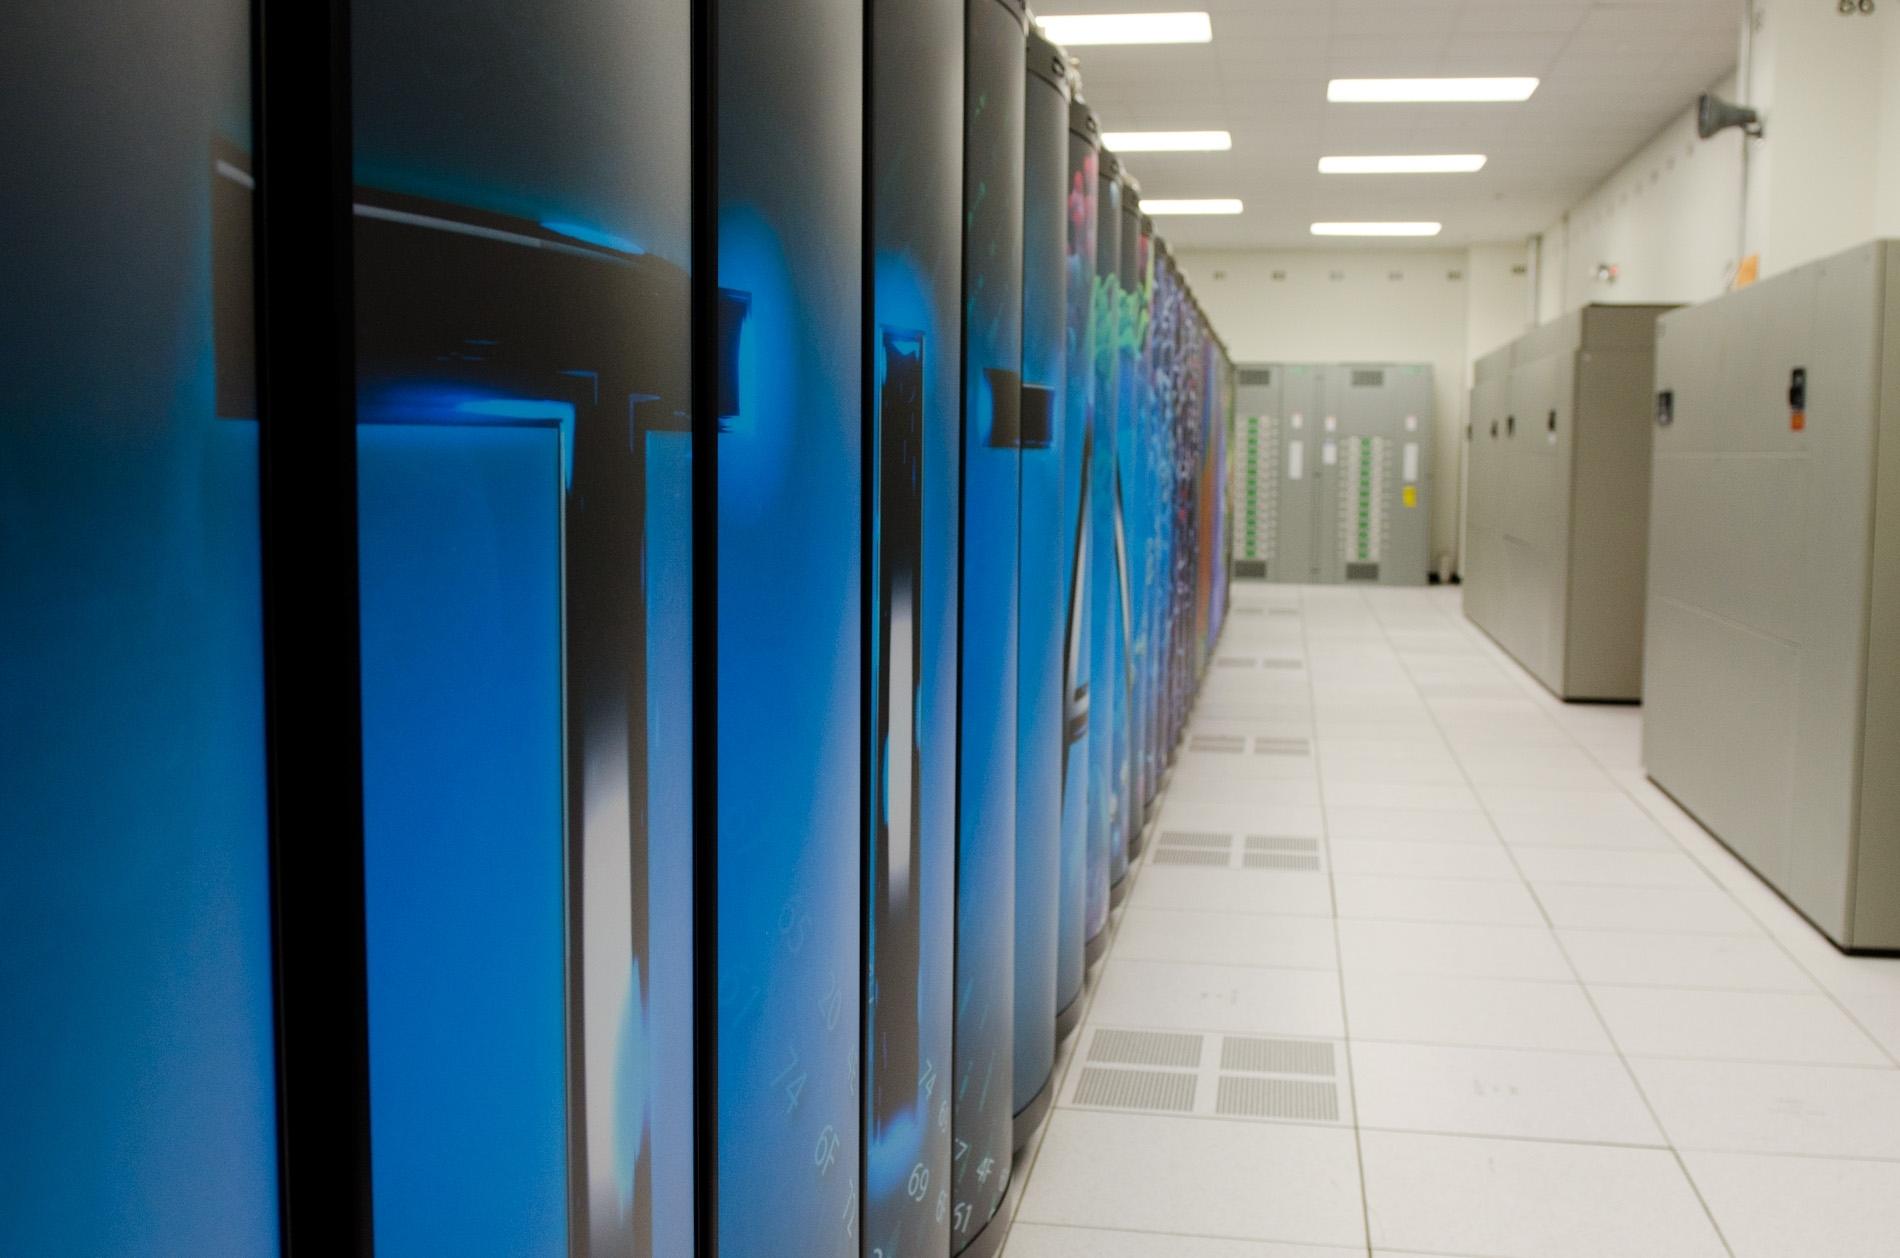 超级计算机泰坦